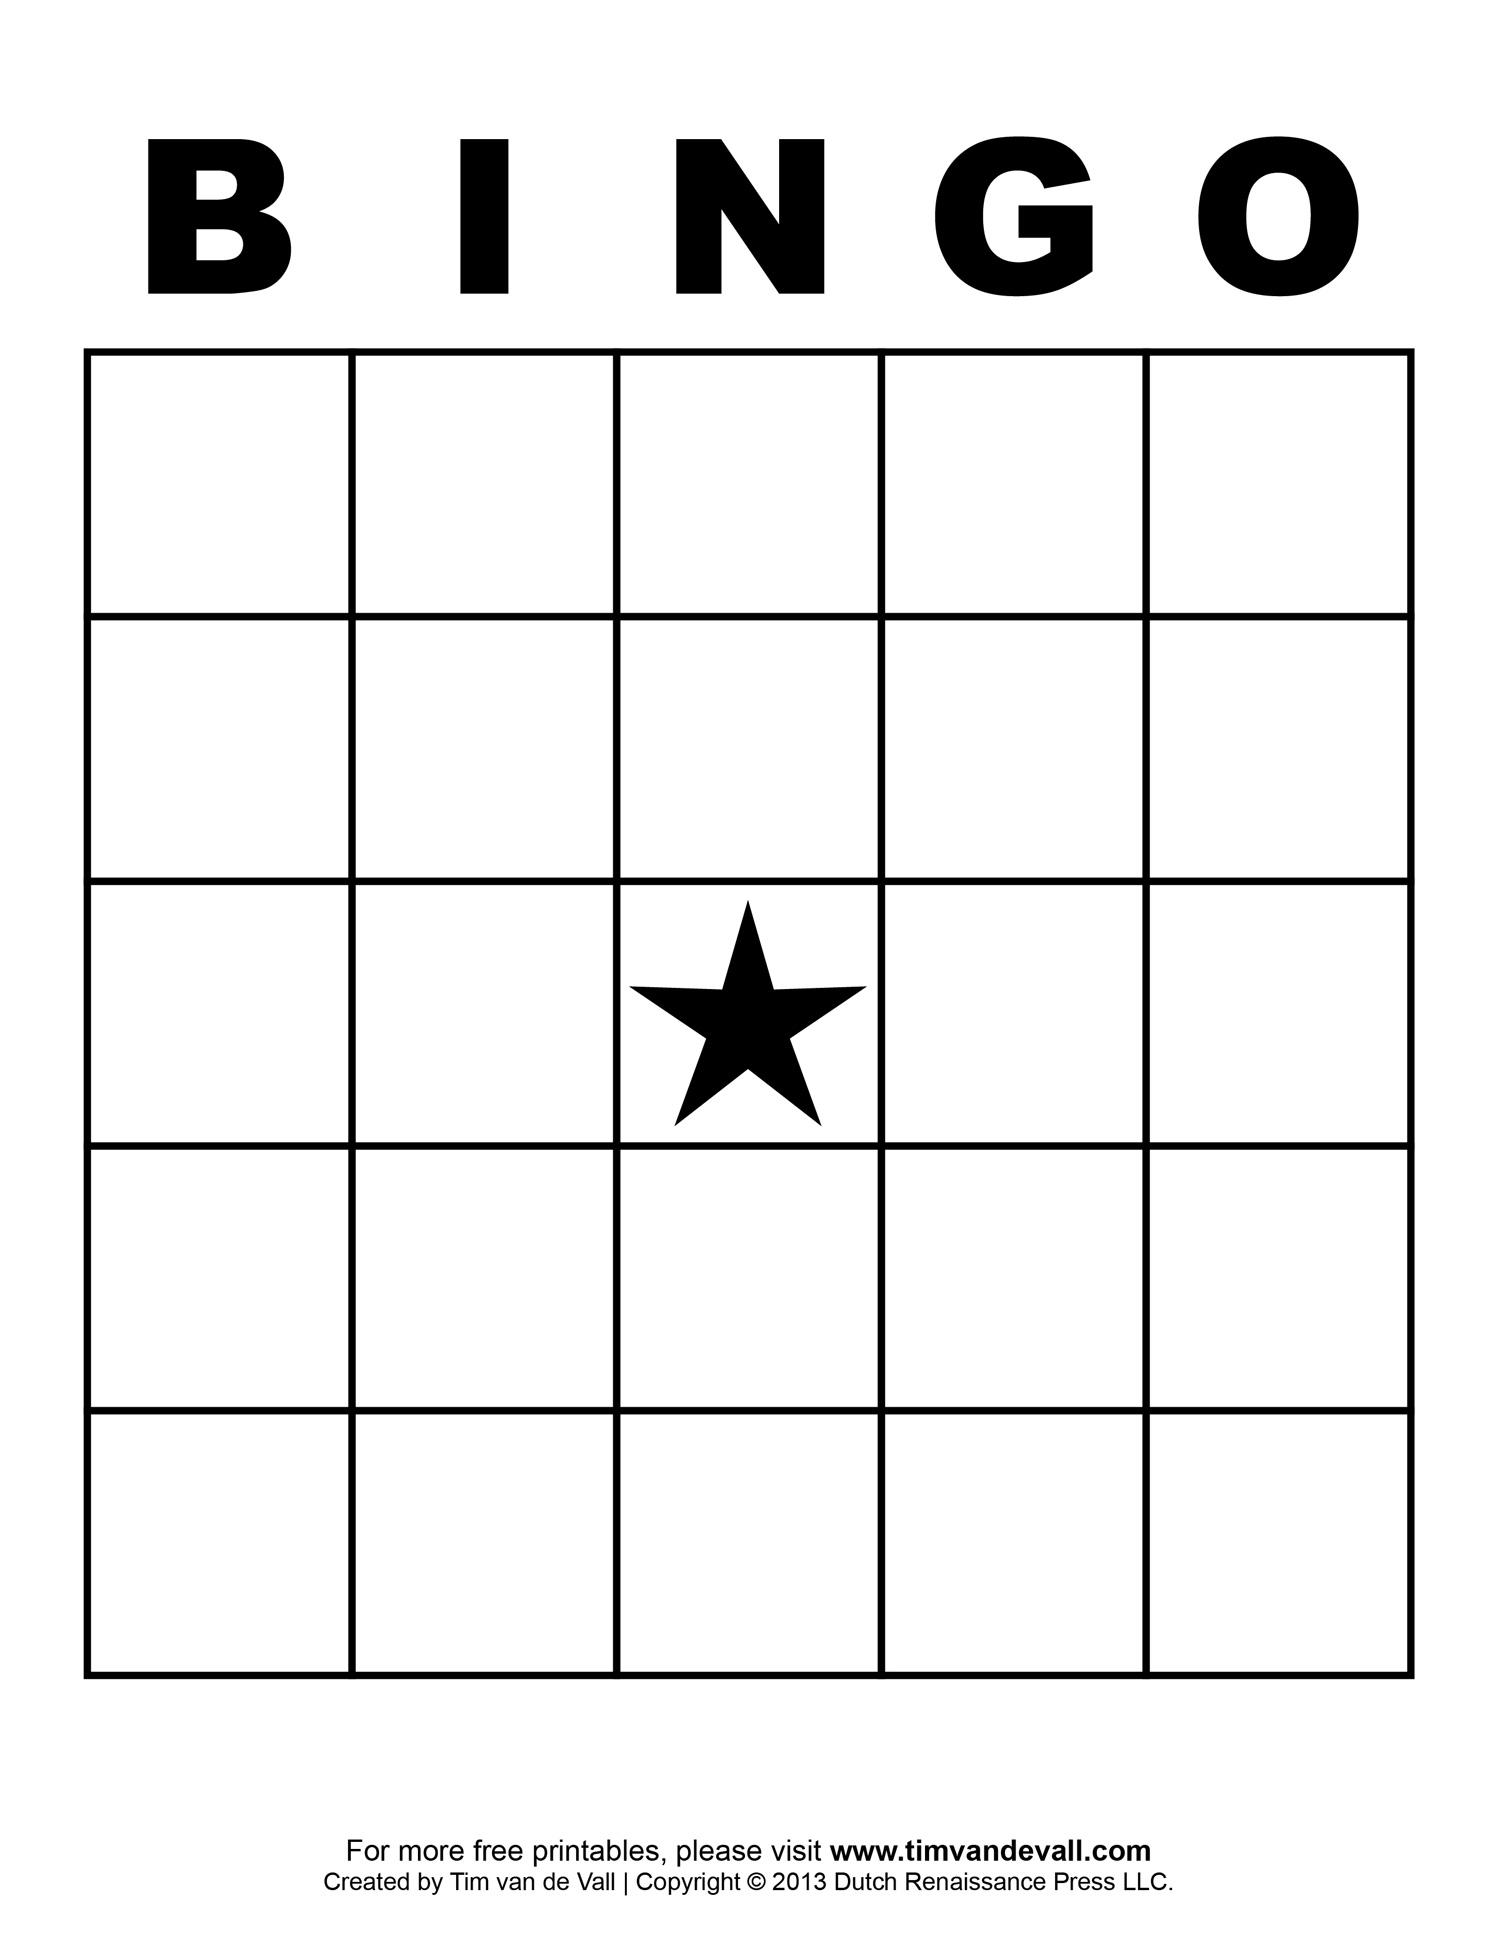 bingo board 5x5